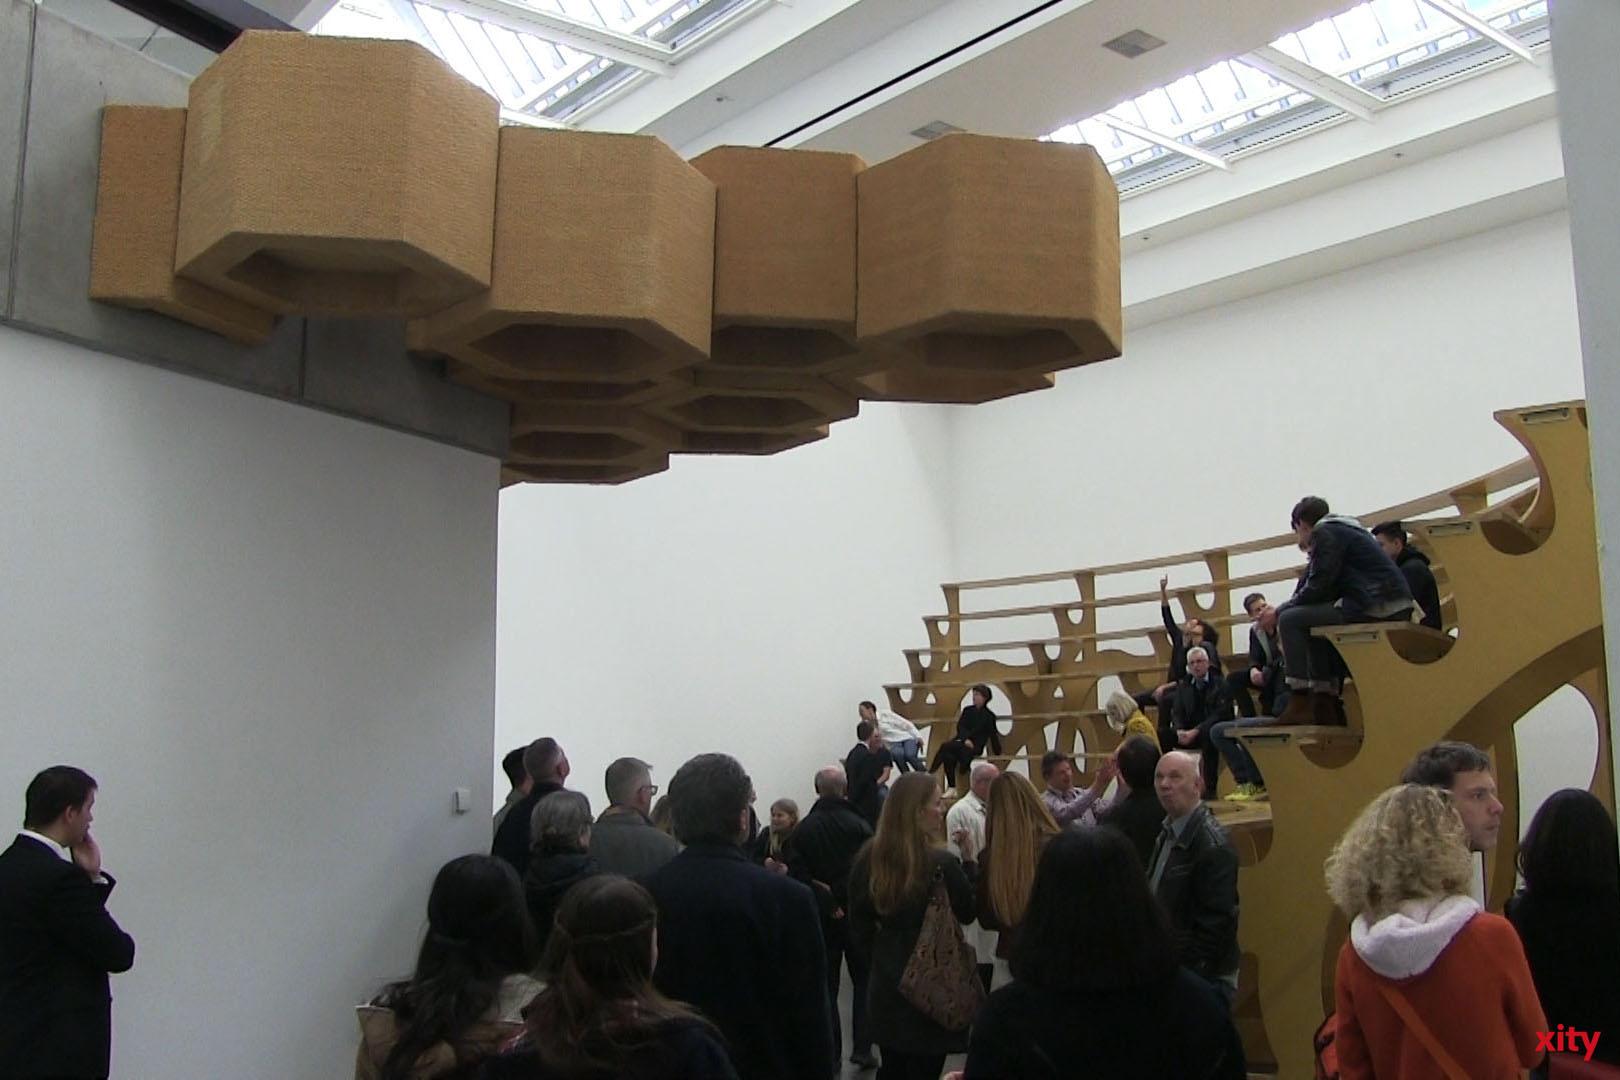 35 Museen und Galerien nahmen in diesem Jahr an der Nacht der Museen teil (Foto: xity)